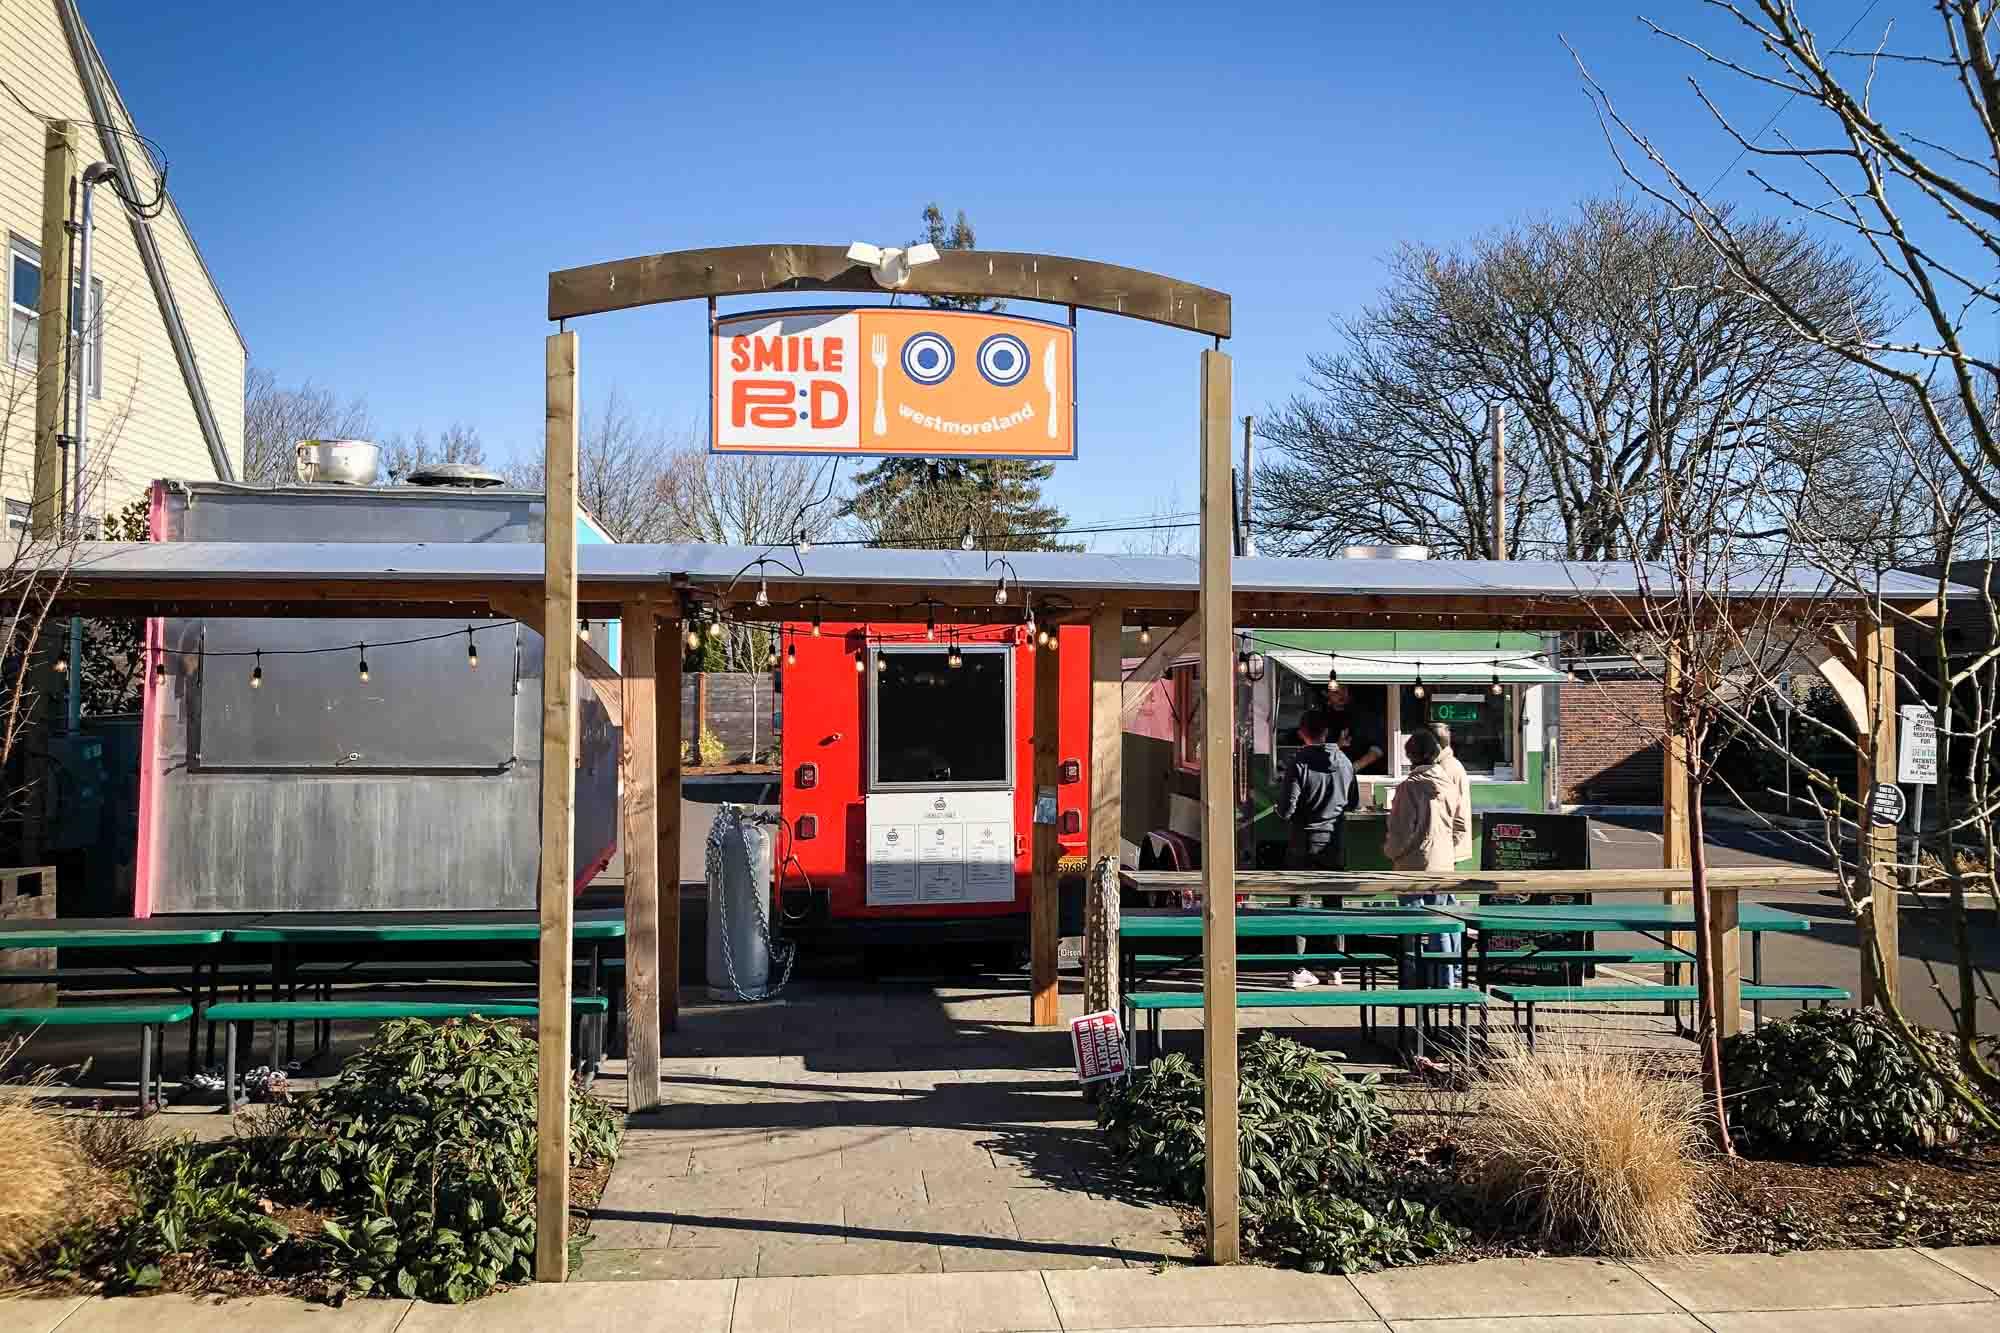 visit-sellwood-moreland-business-alliance_smile-pod-food-carts.jpg